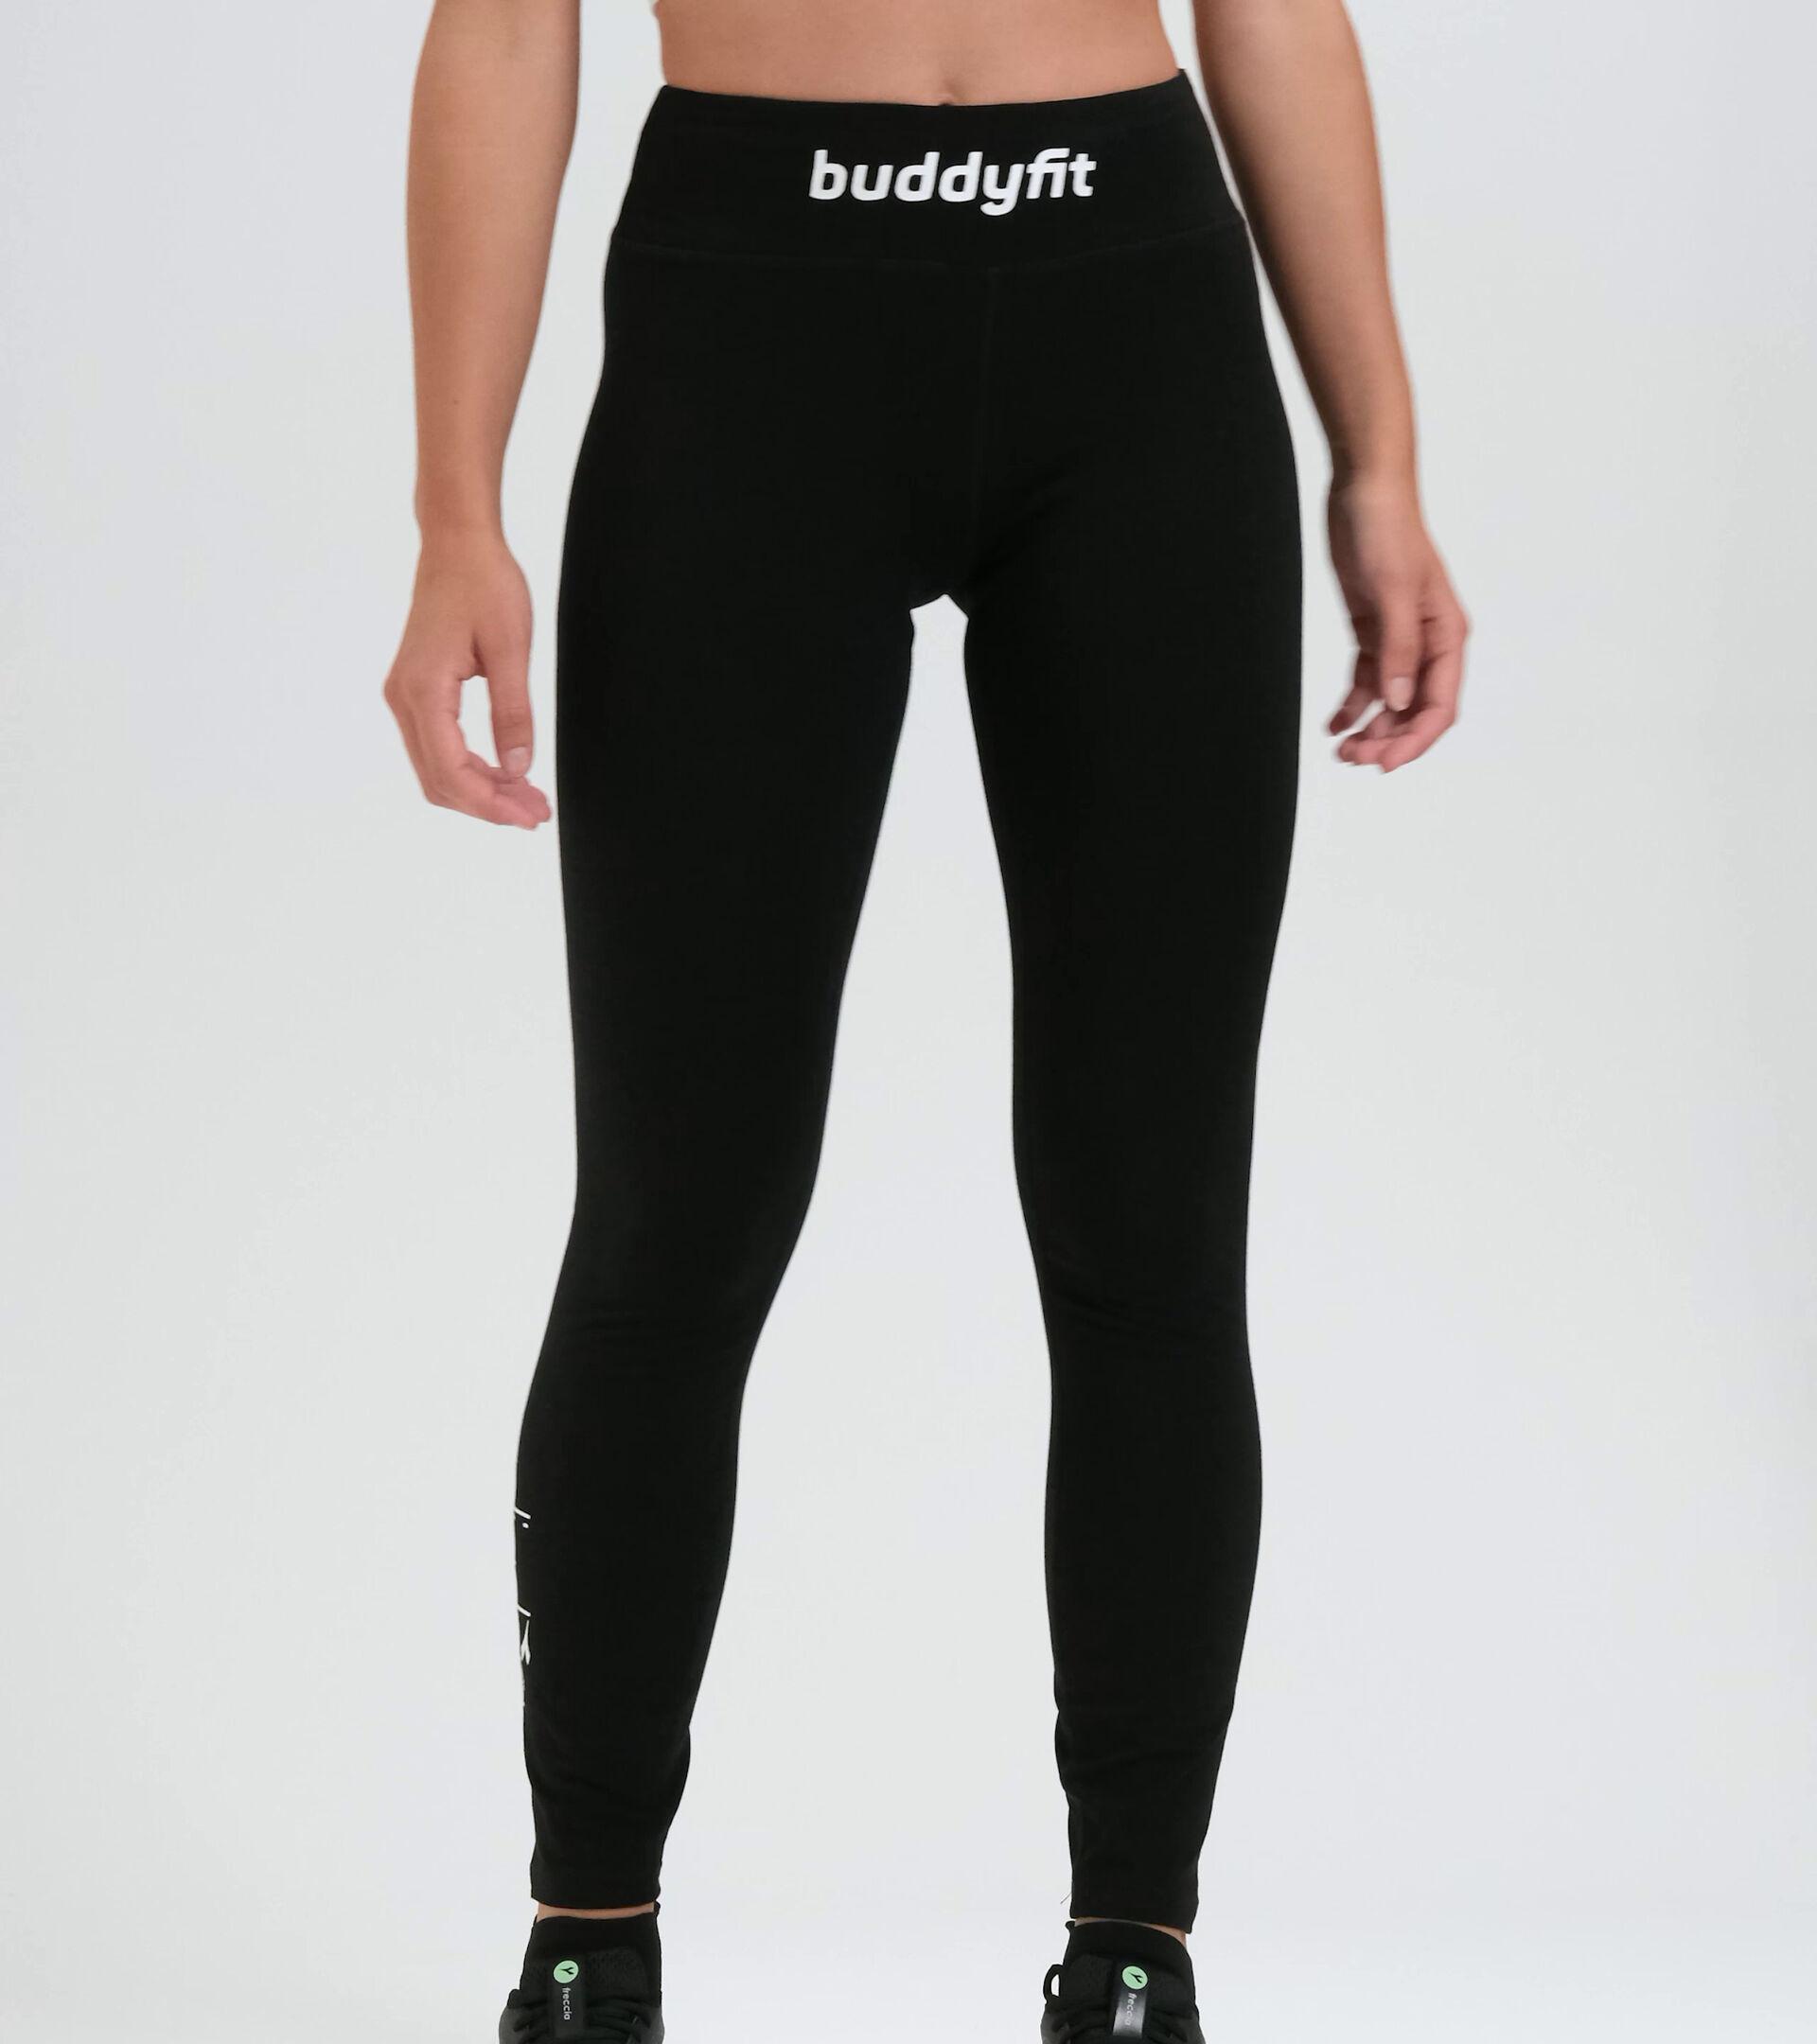 Women's workout leggings L. STC LEGGINGS BUDDYFIT BLACK - Diadora